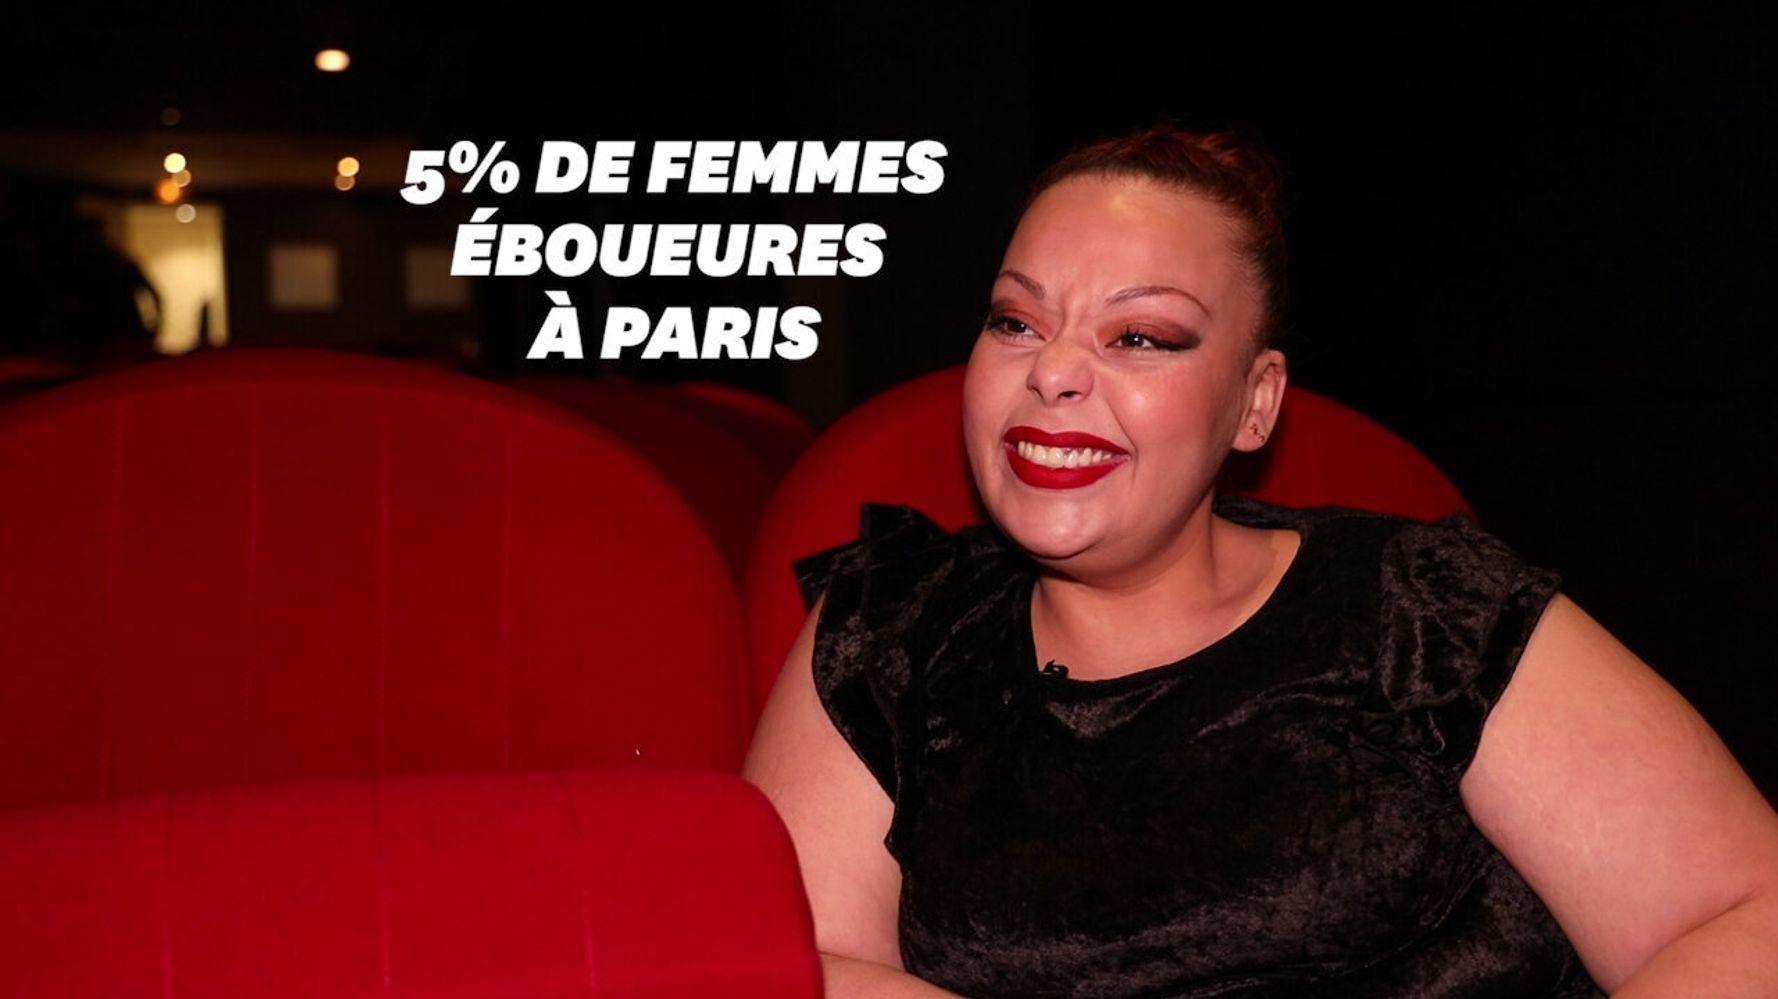 À Paris, Aicha est l'une des rares femmes à être éboueure